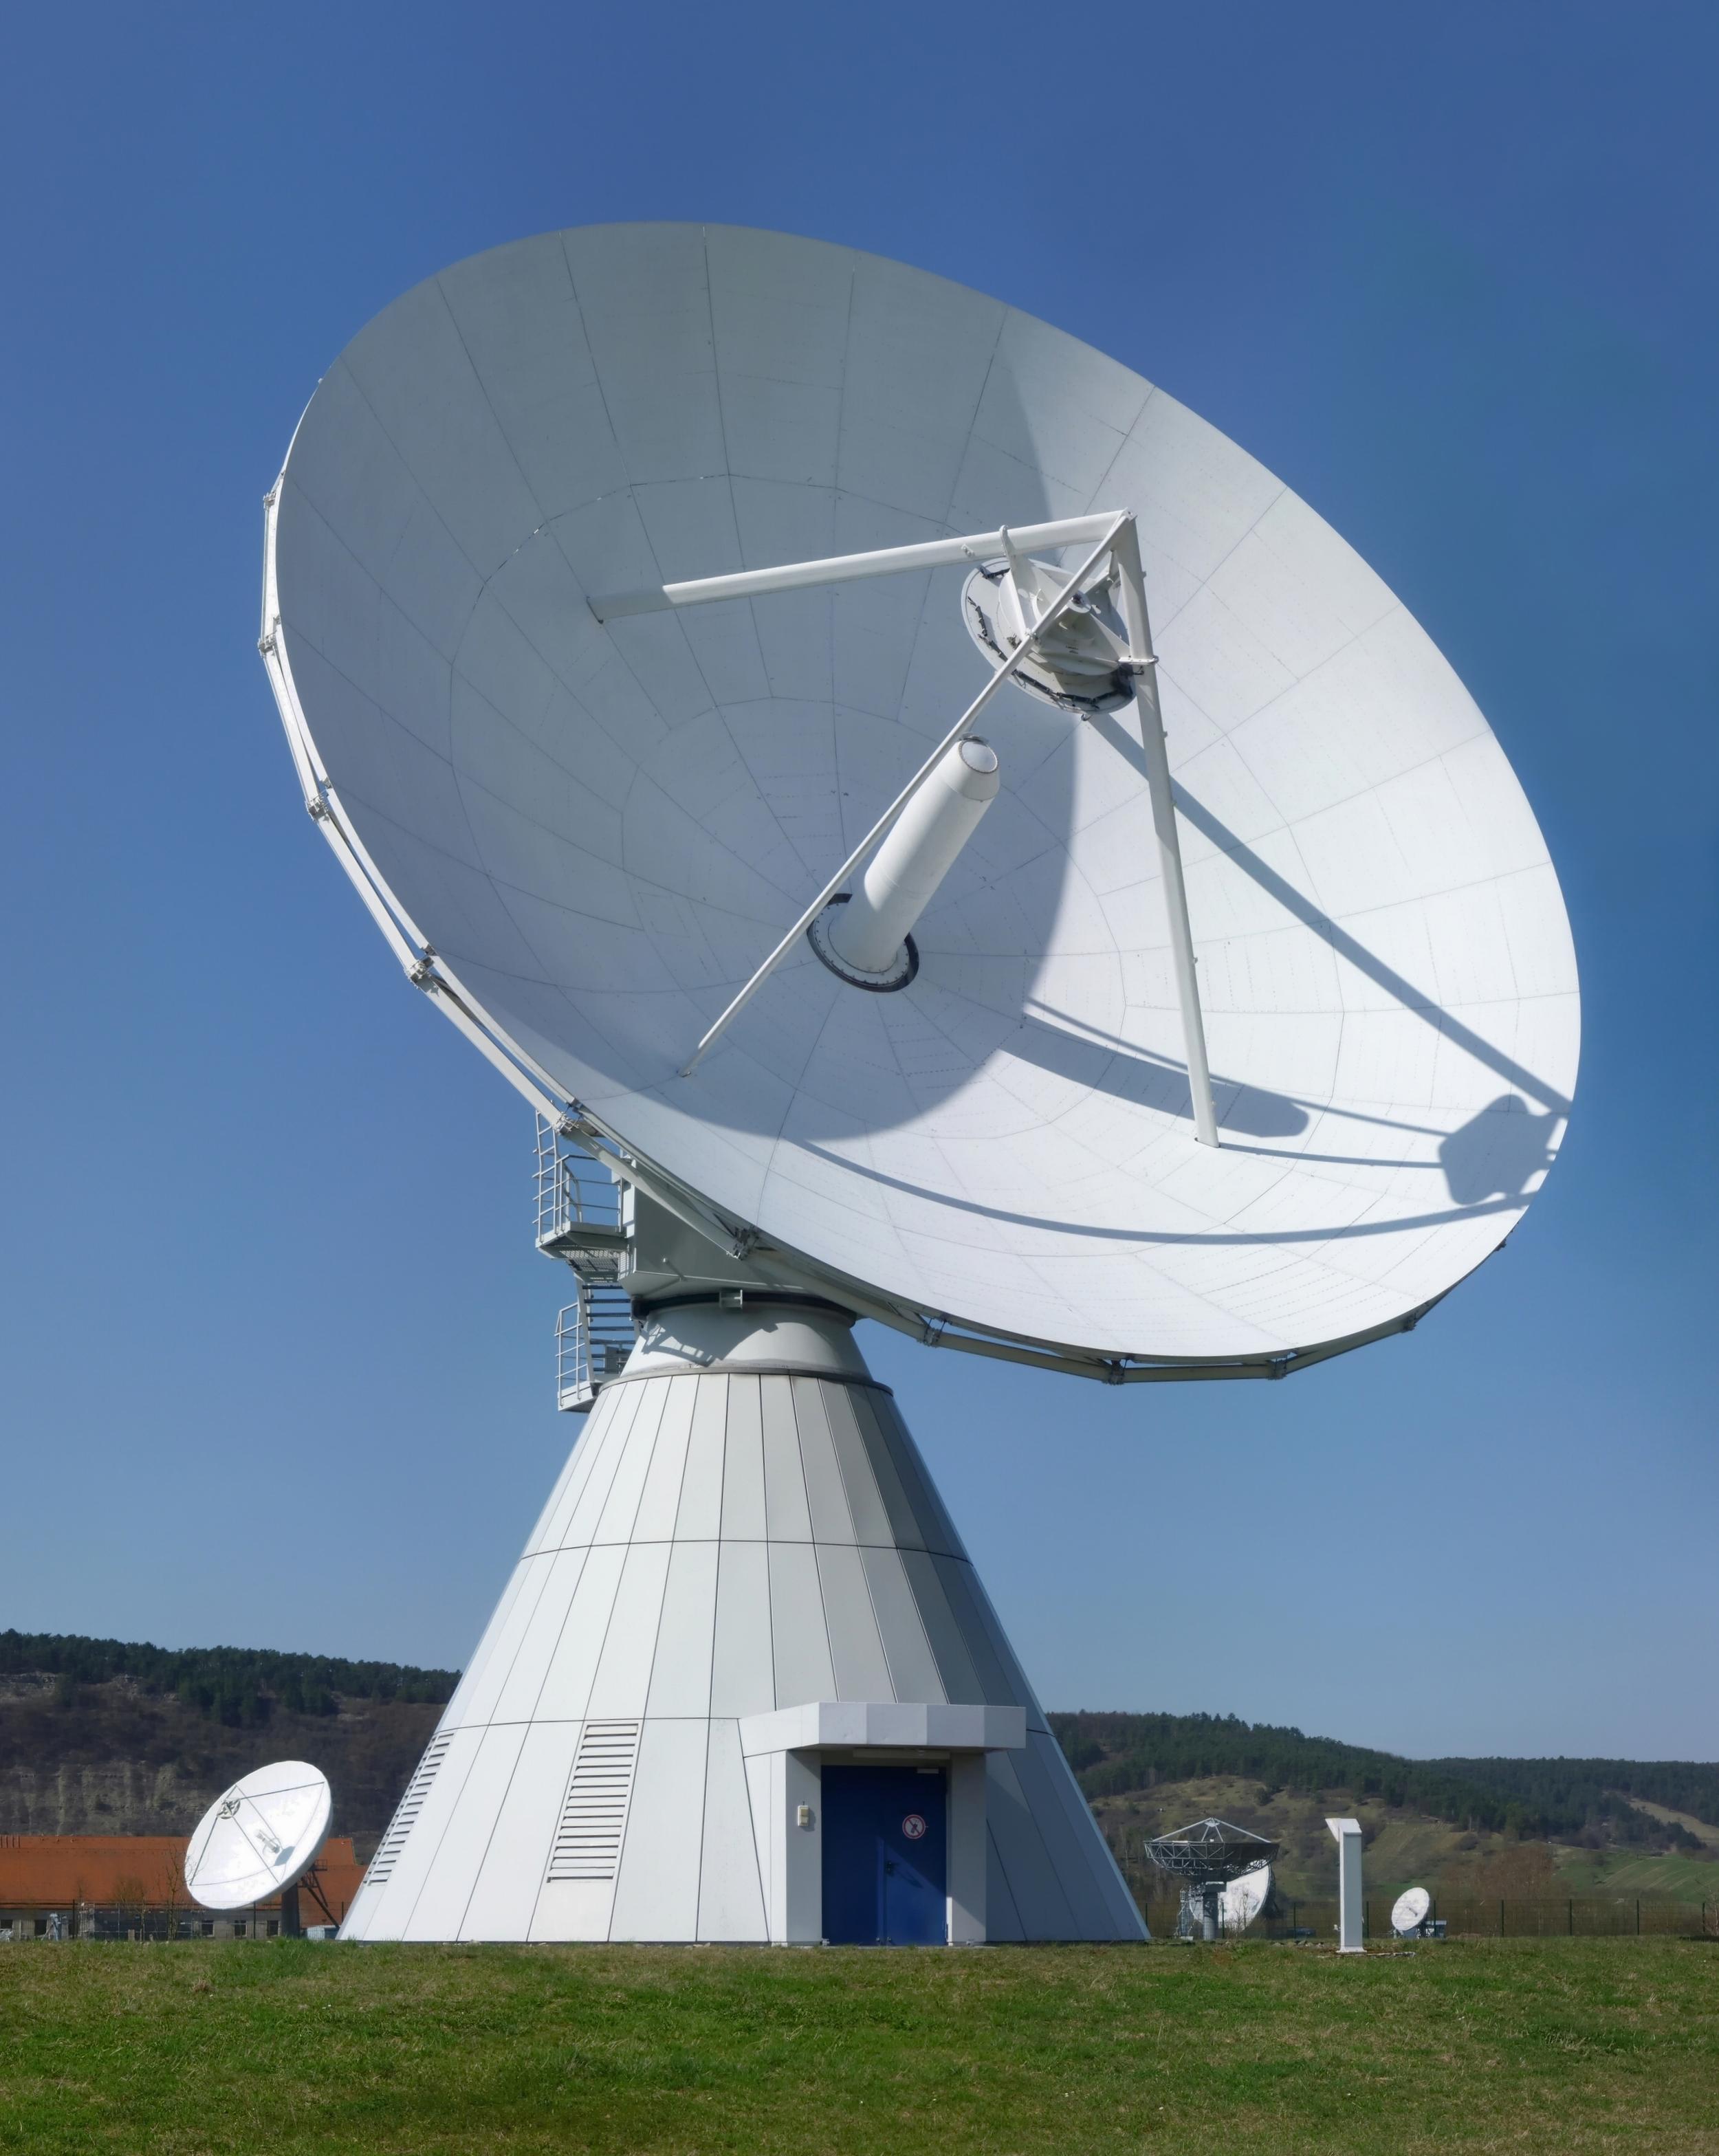 Erdfunkstelle_Fuchsstadt,_18-Meter-Antenne.jpg